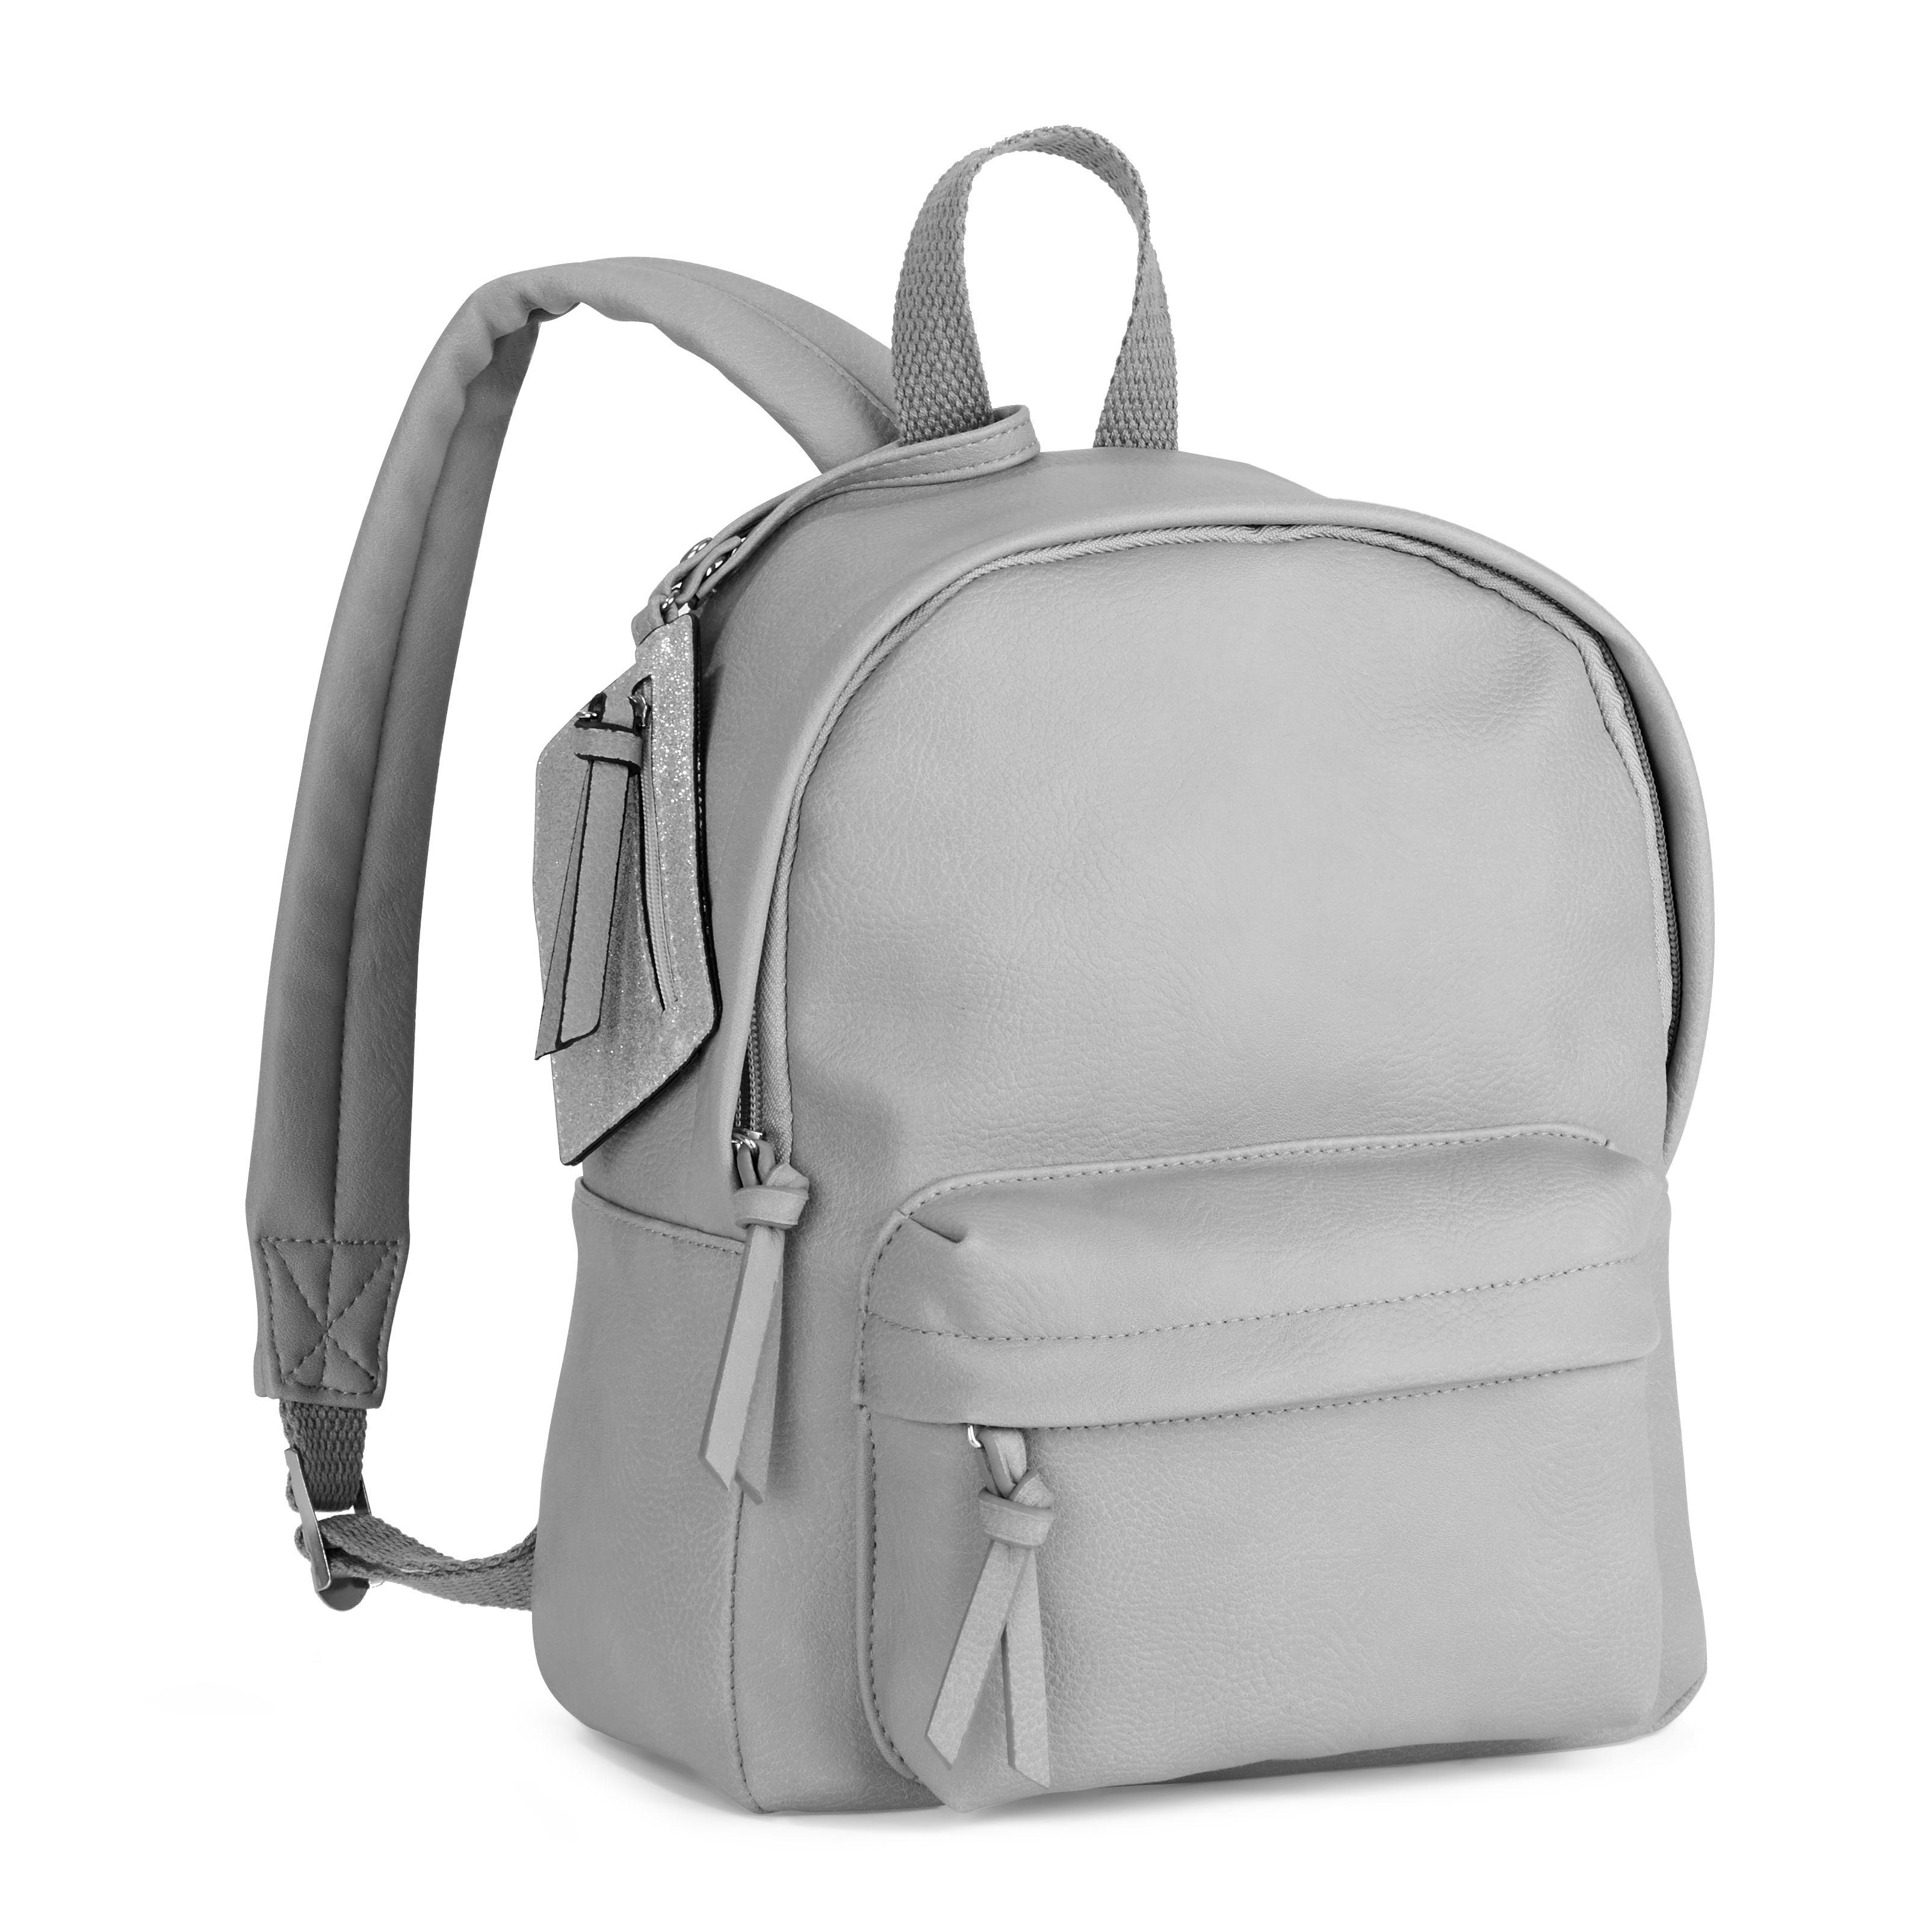 d0db51c9837d No Boundaries Grey Dome Mini Backpack - Walmart.com